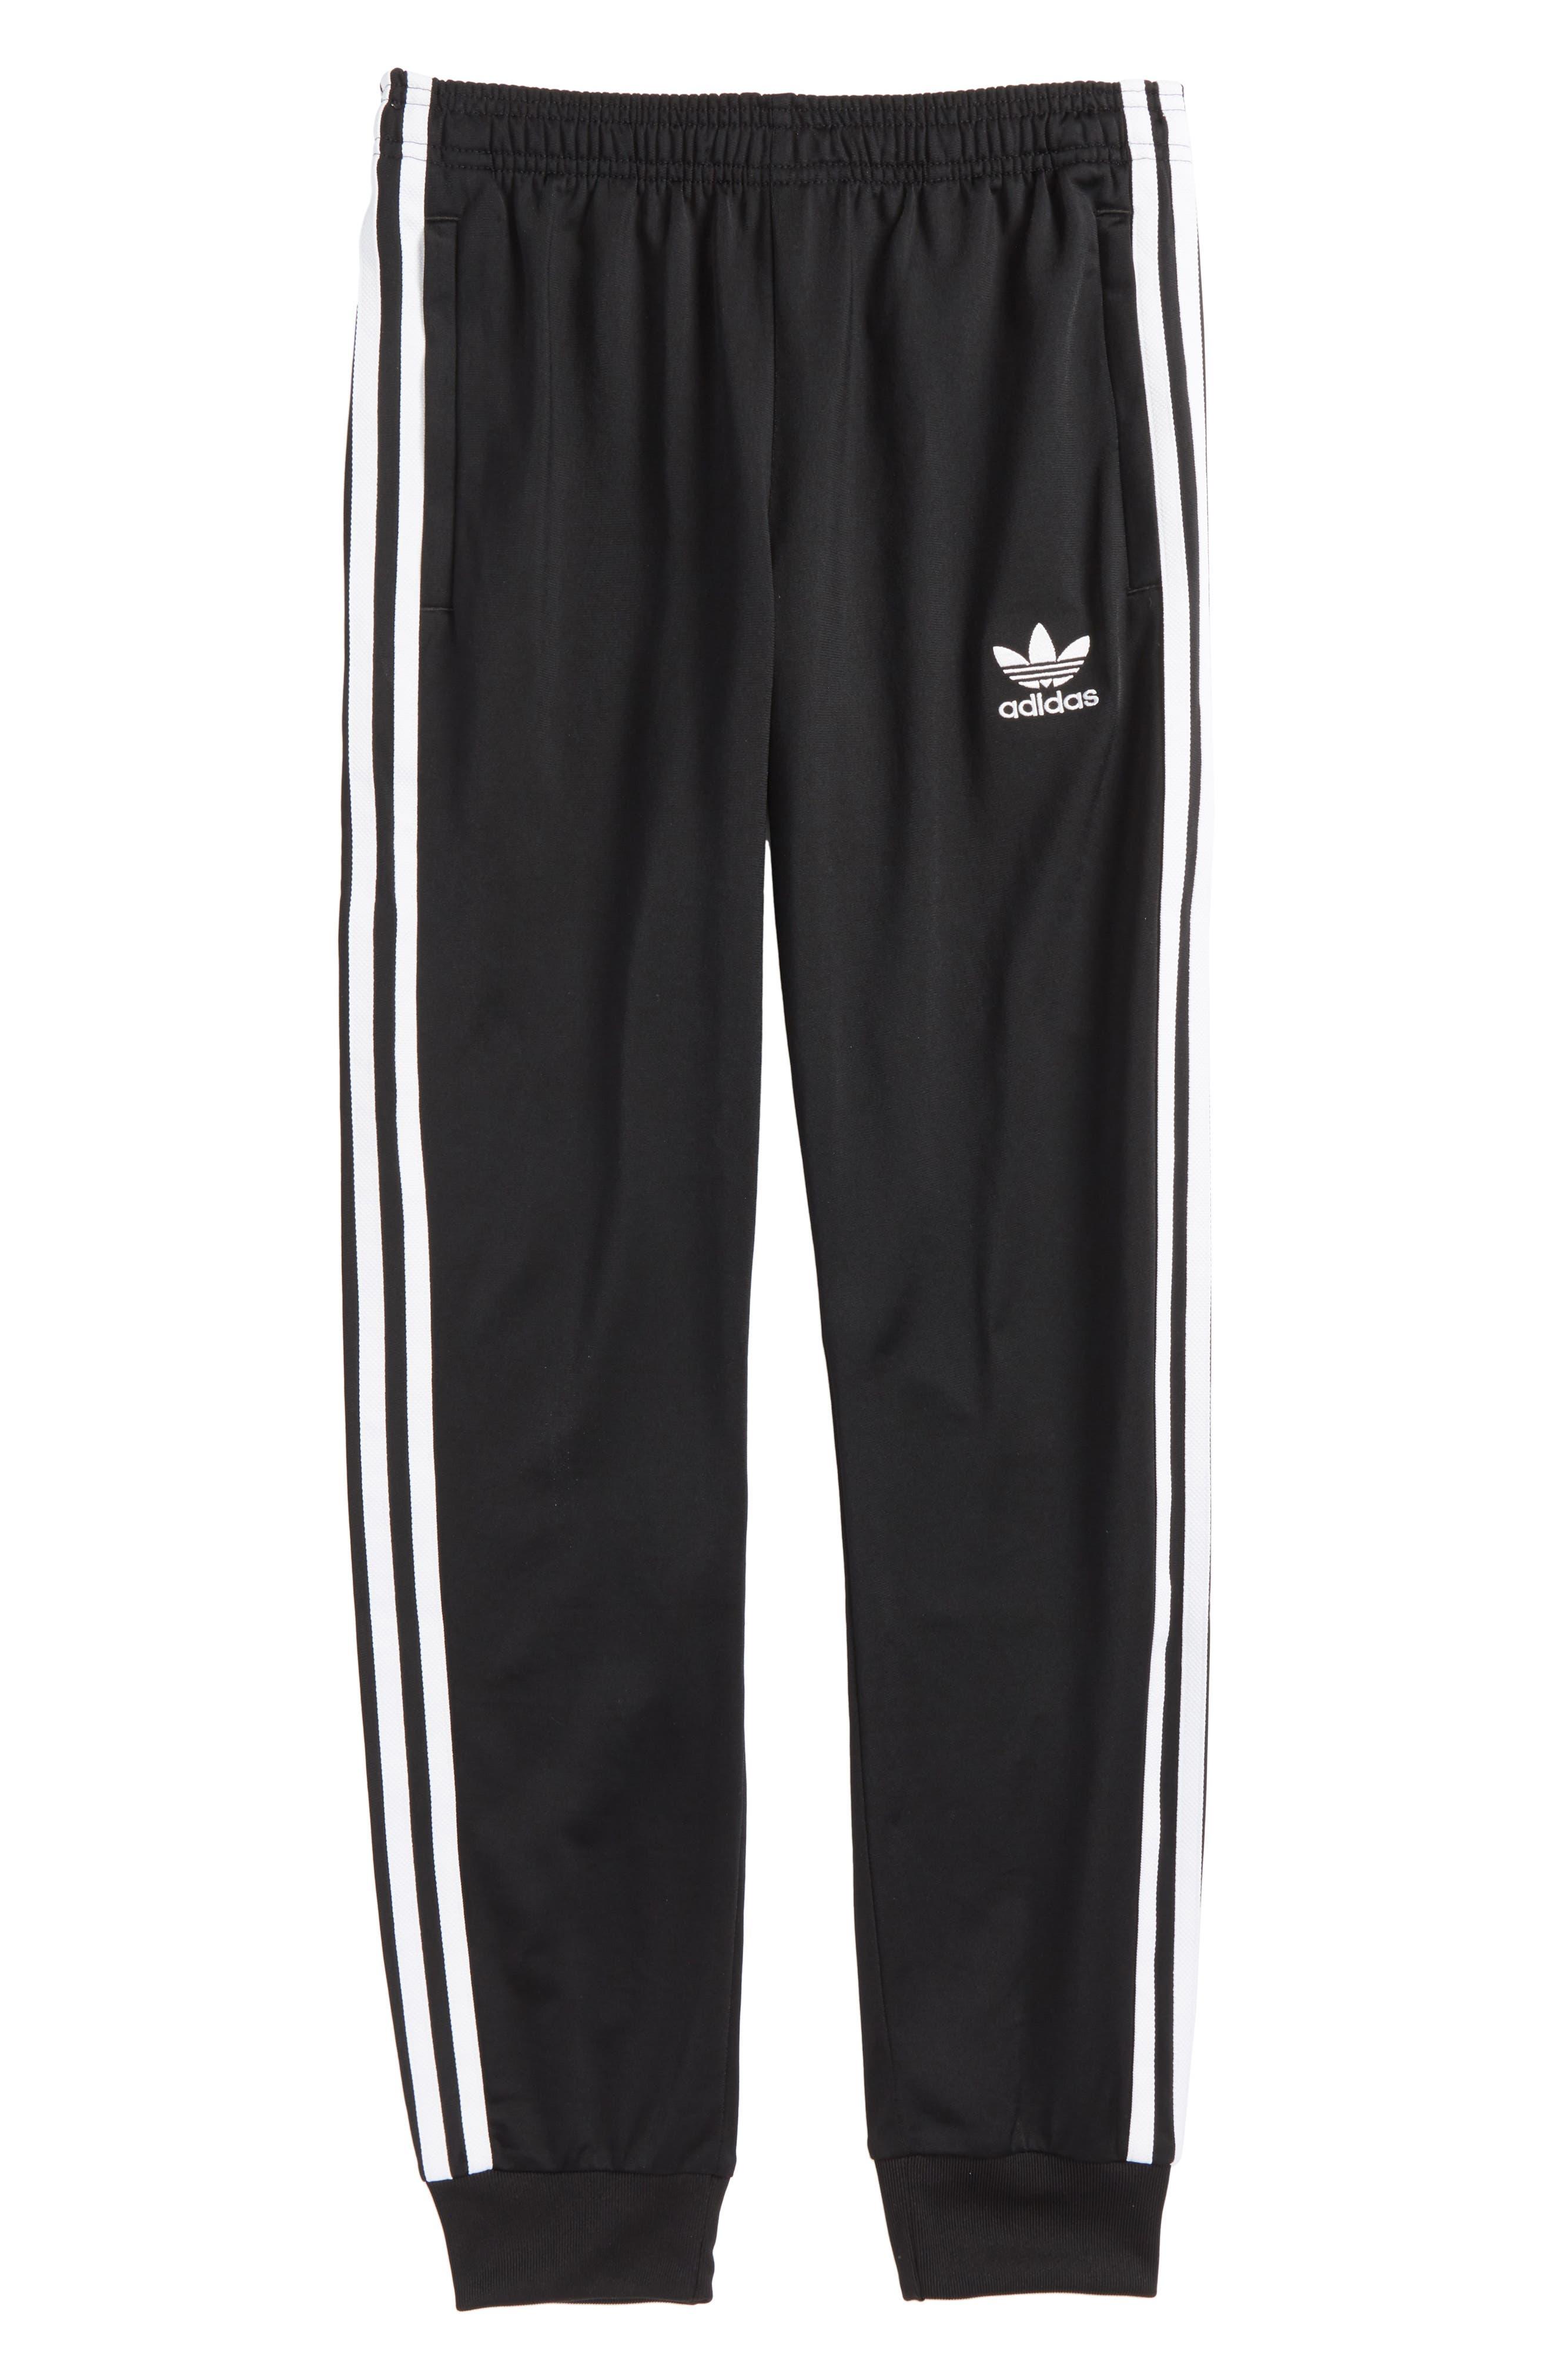 SST Track Pants,                             Main thumbnail 1, color,                             Black/ White